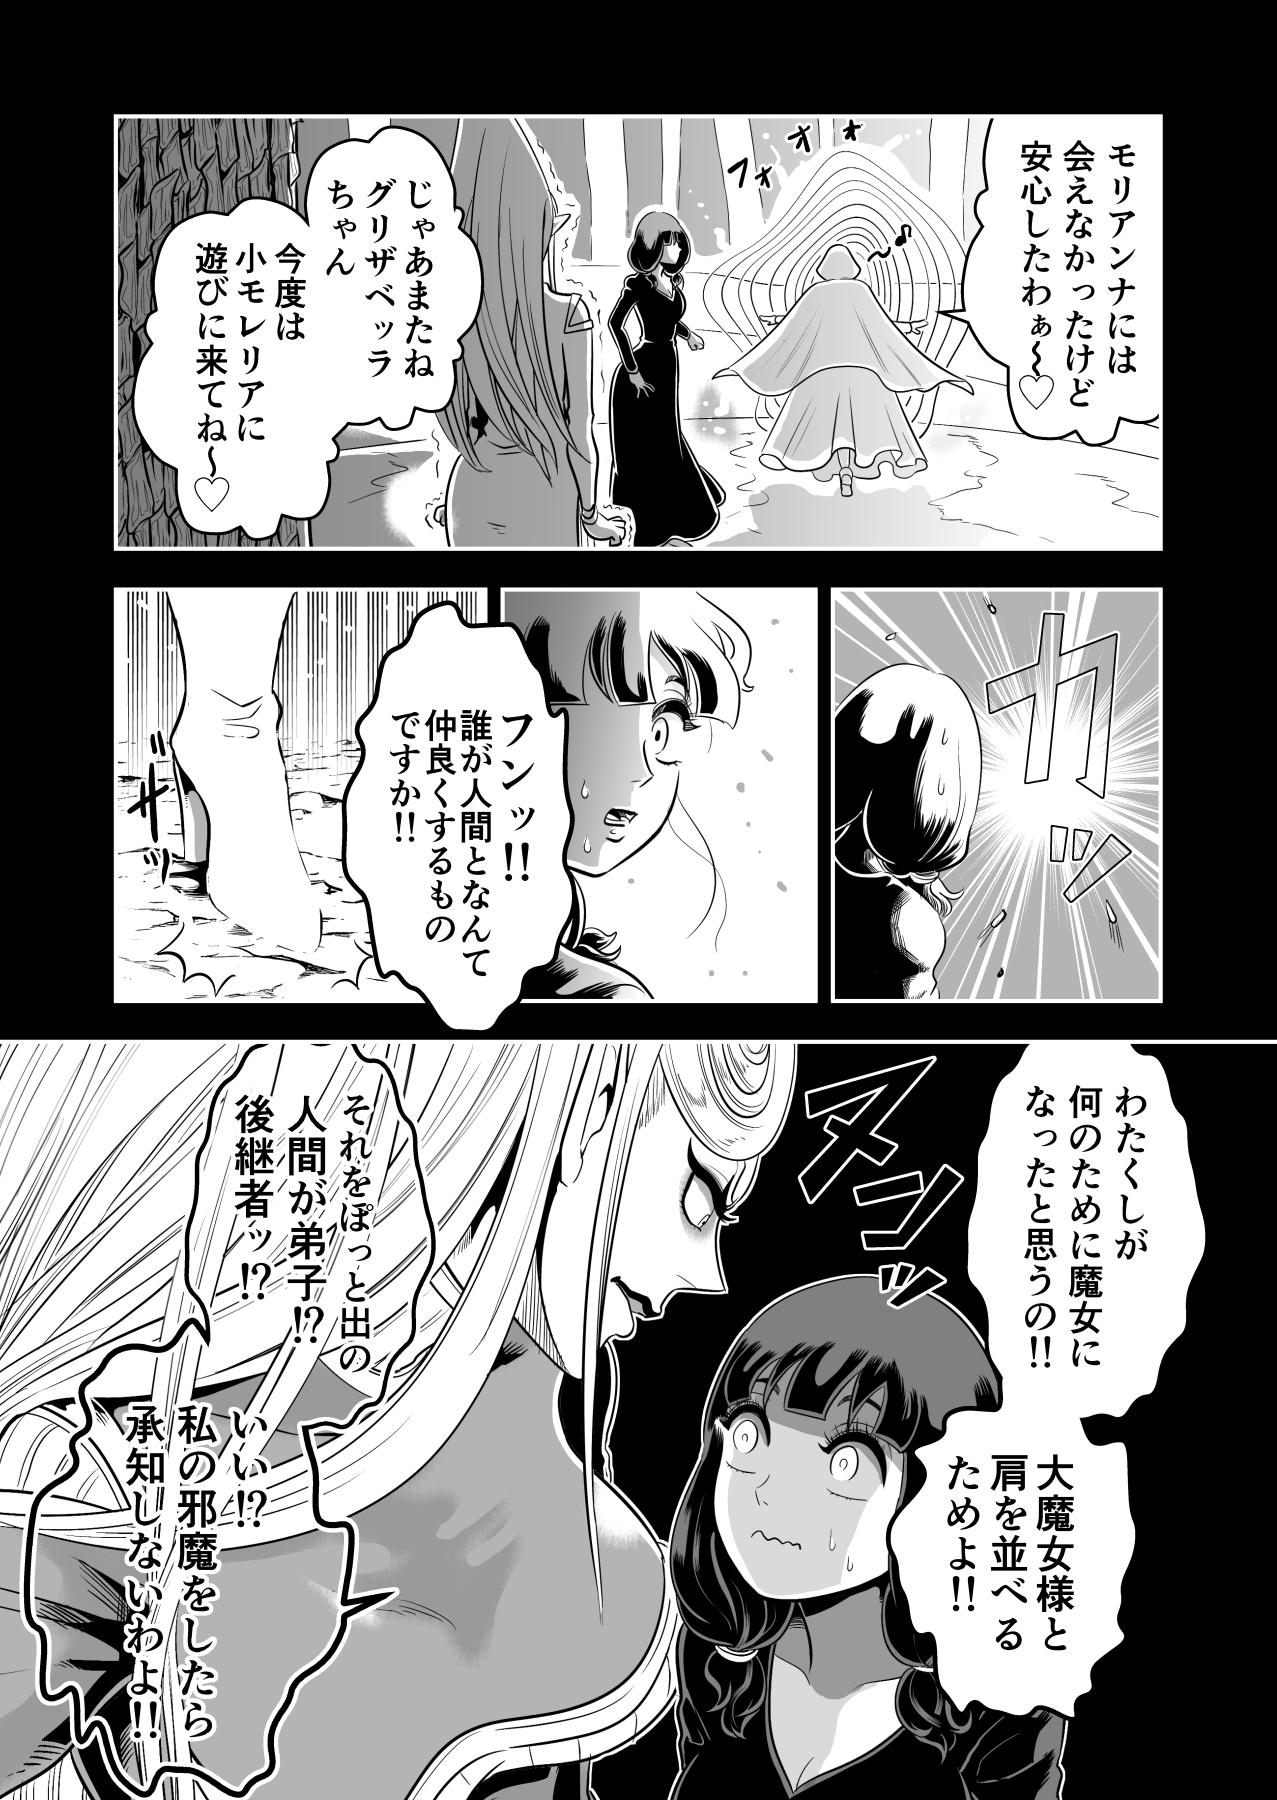 ヤサグレ魔女とグリザベッラと魔女の使い魔0077